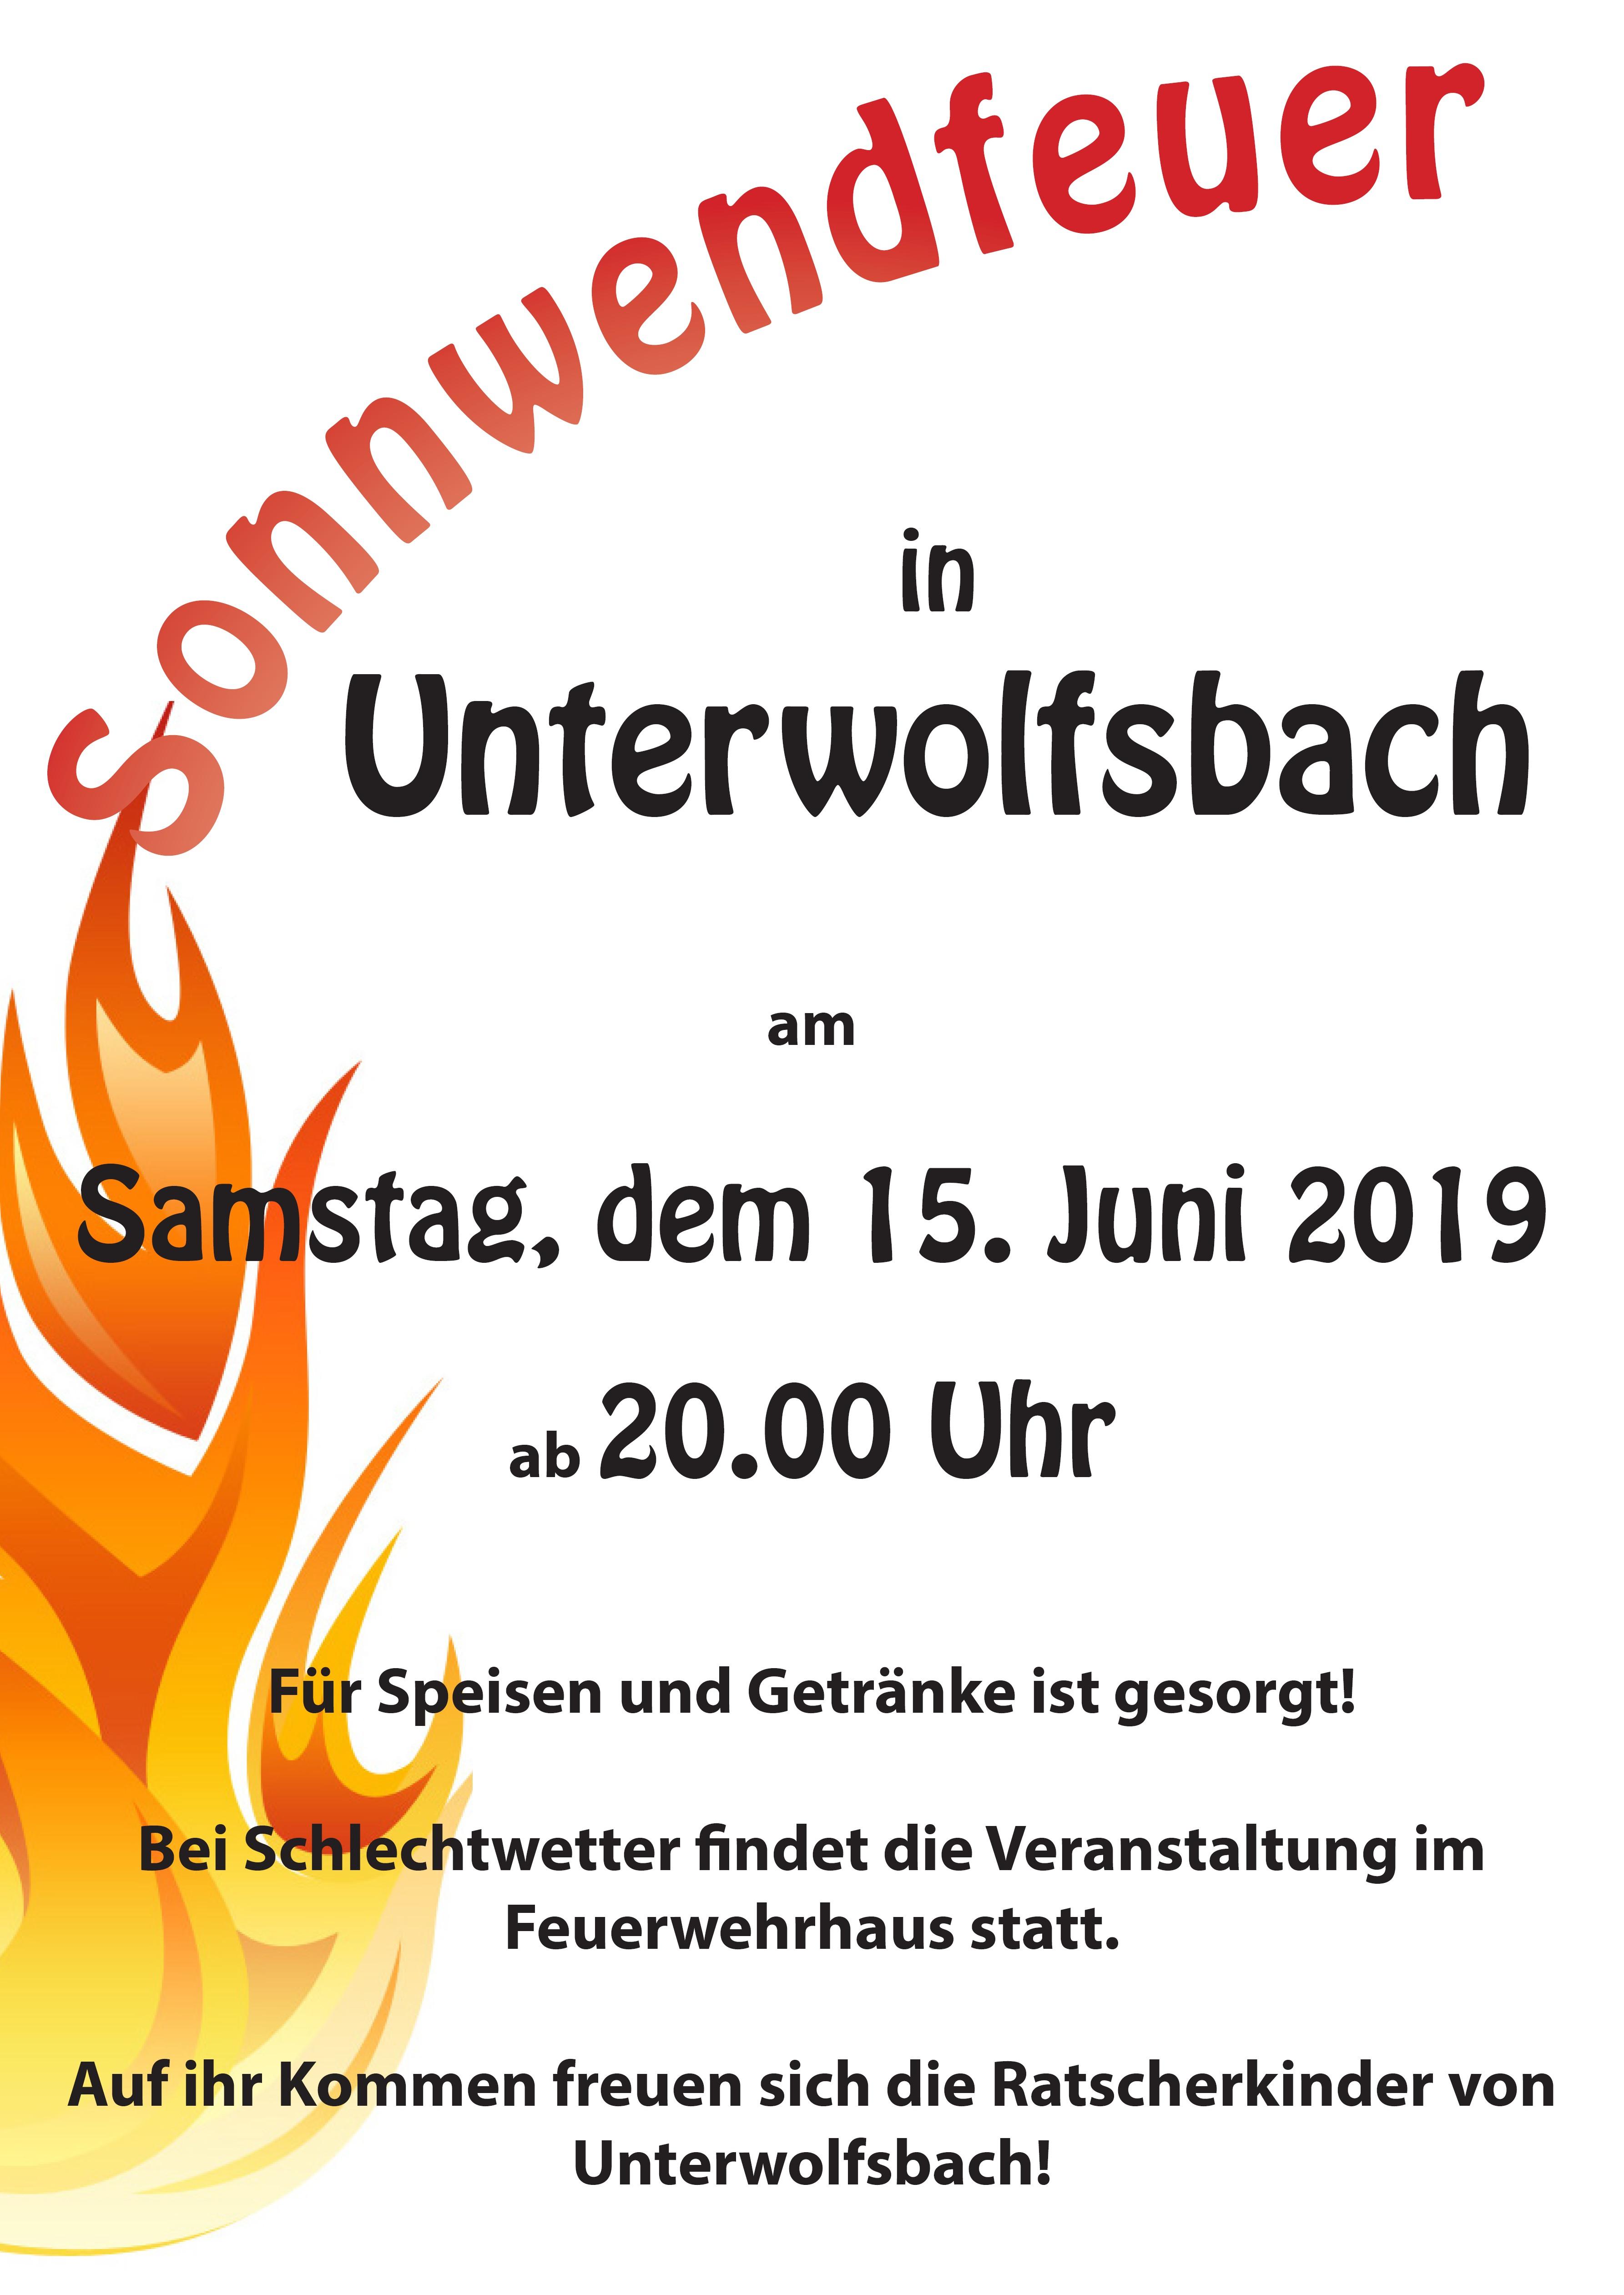 Sonnwendfeuer in Unterwolfsbach